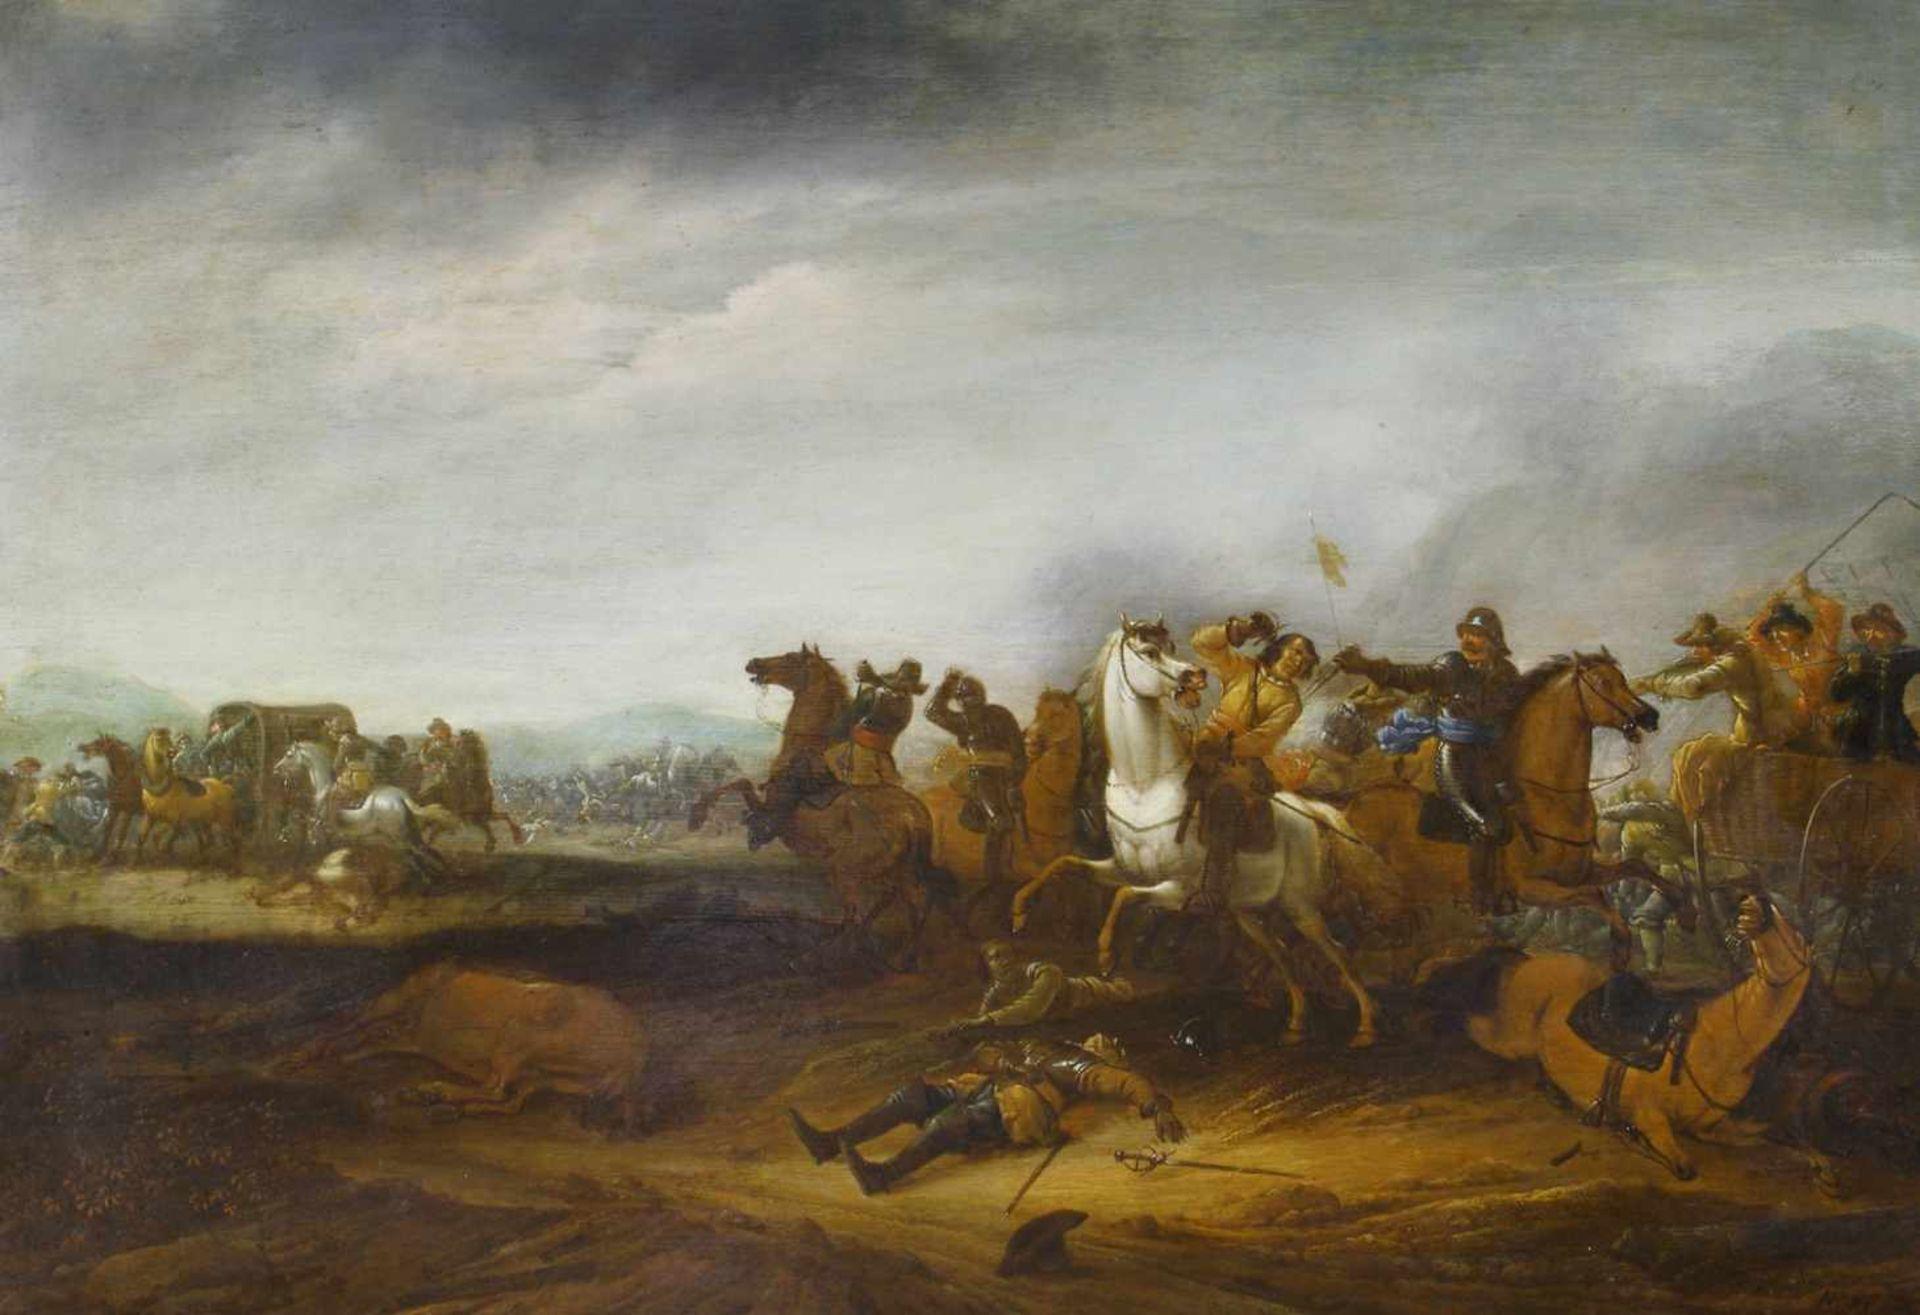 Hoef, Abraham van der (1611/12 Haarlem - 1666) Reiterschlacht. Öl auf Holz. 57,5 x 83,5 cm. Rechts - Bild 3 aus 3